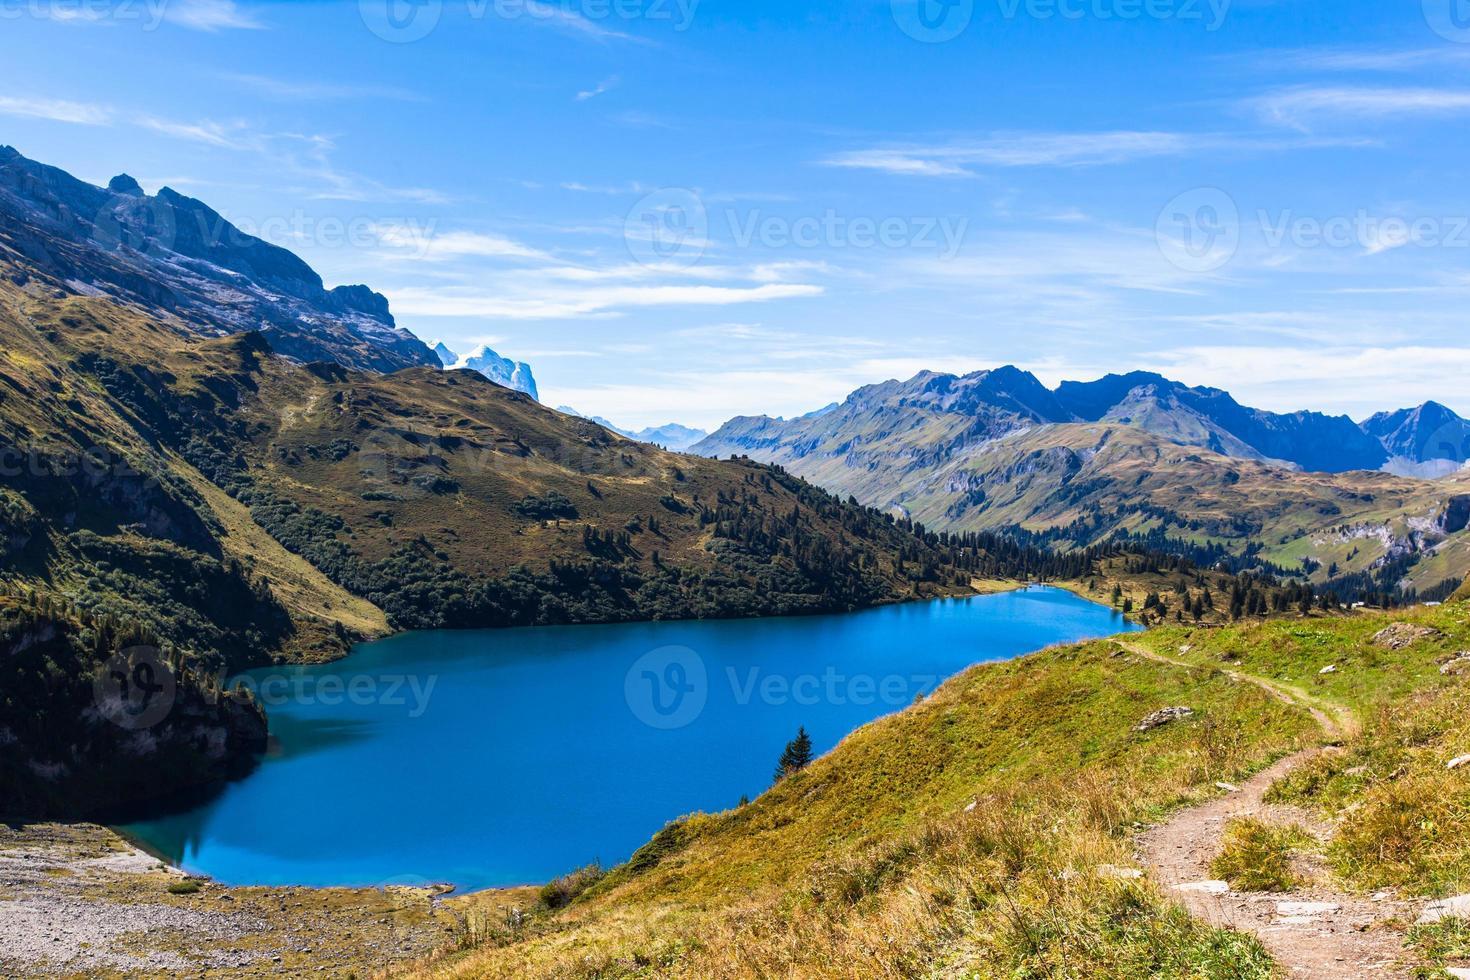 Luftaufnahme des Engstlensees und der Alpen foto